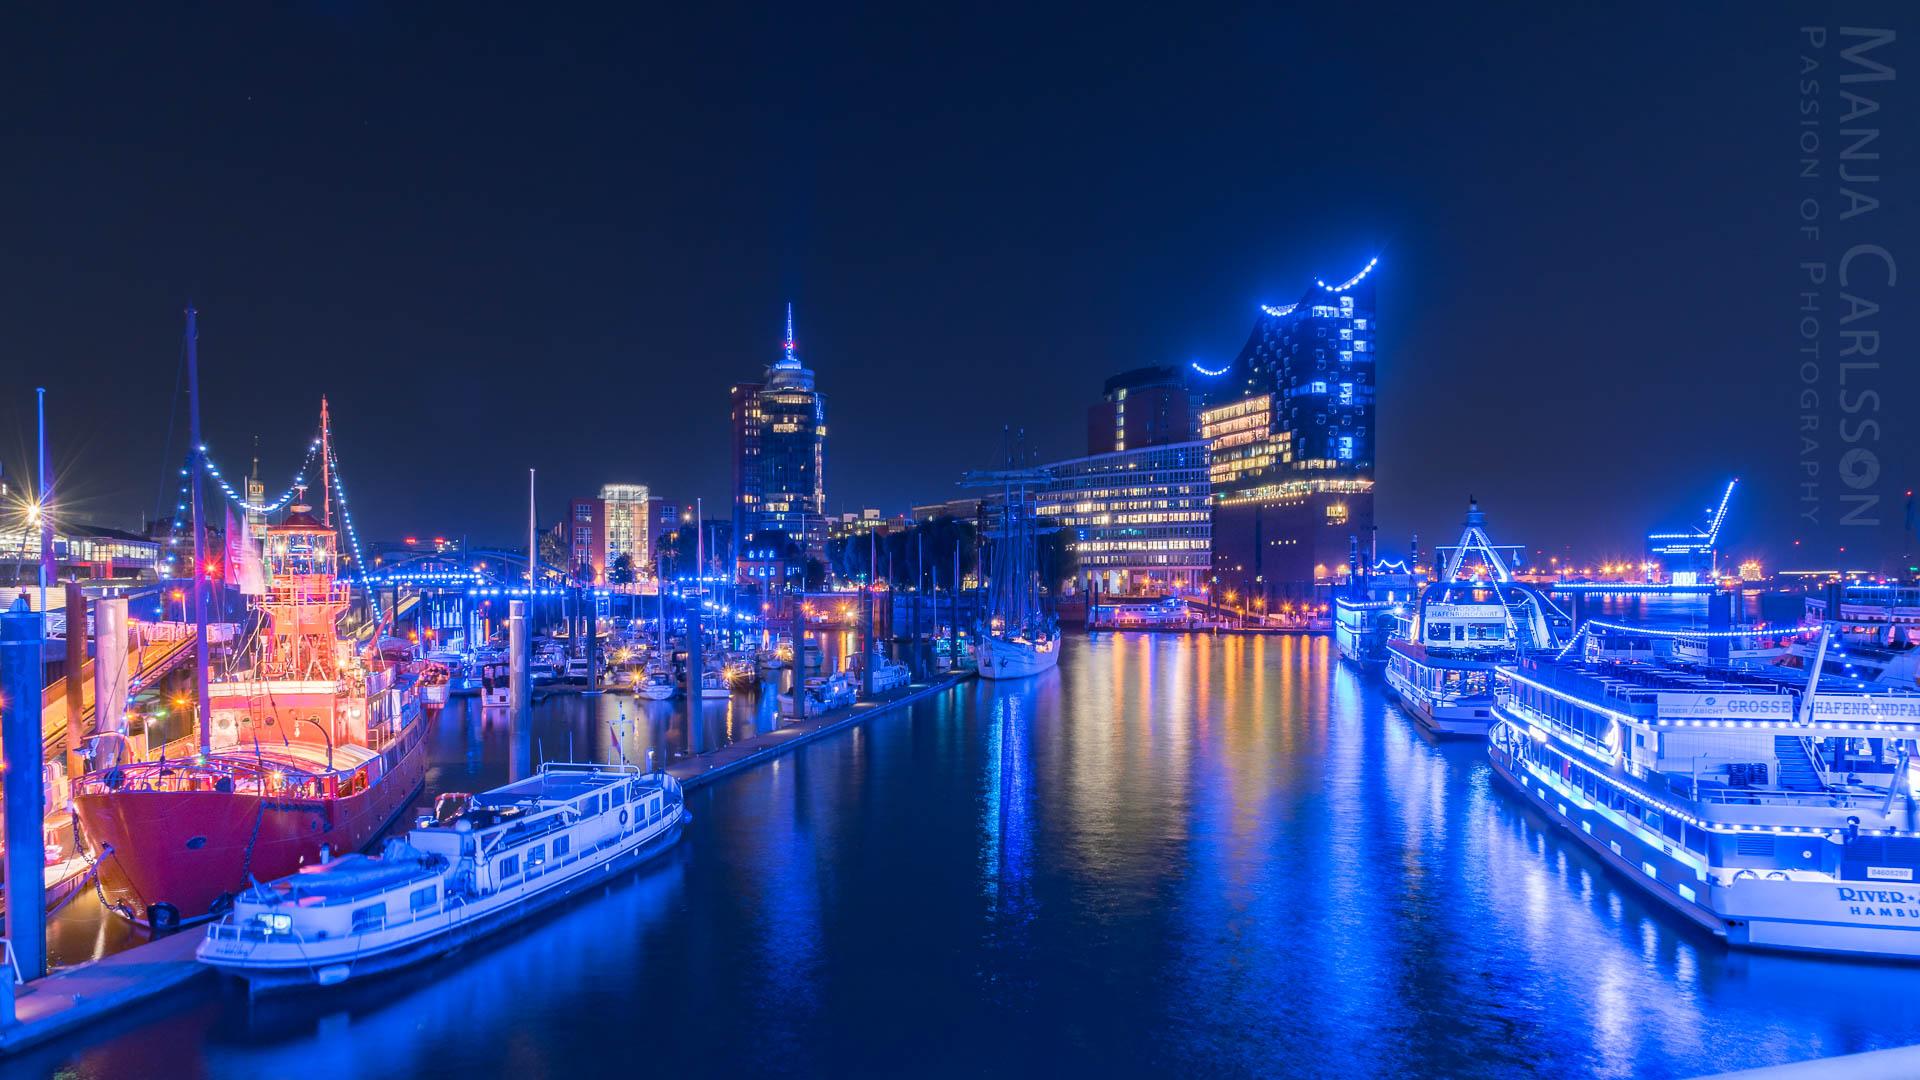 Fotospot Überseebrücke - Blick auf den Niederhafen mit Elbphilharmonie